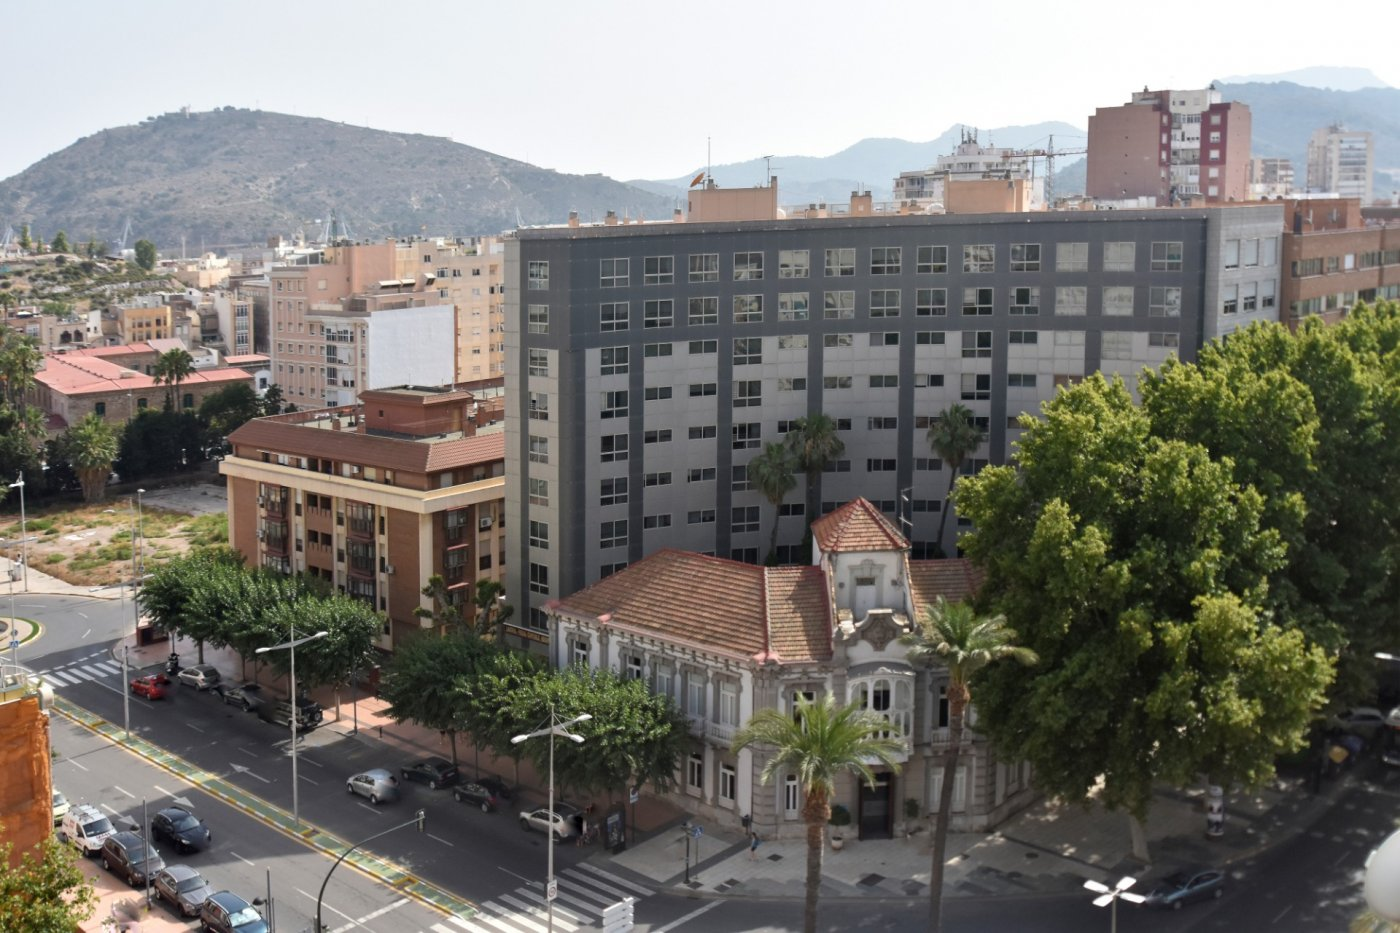 Piso reformar parcialmente en venta en Cartagena, Paseo Alfonso Xiii